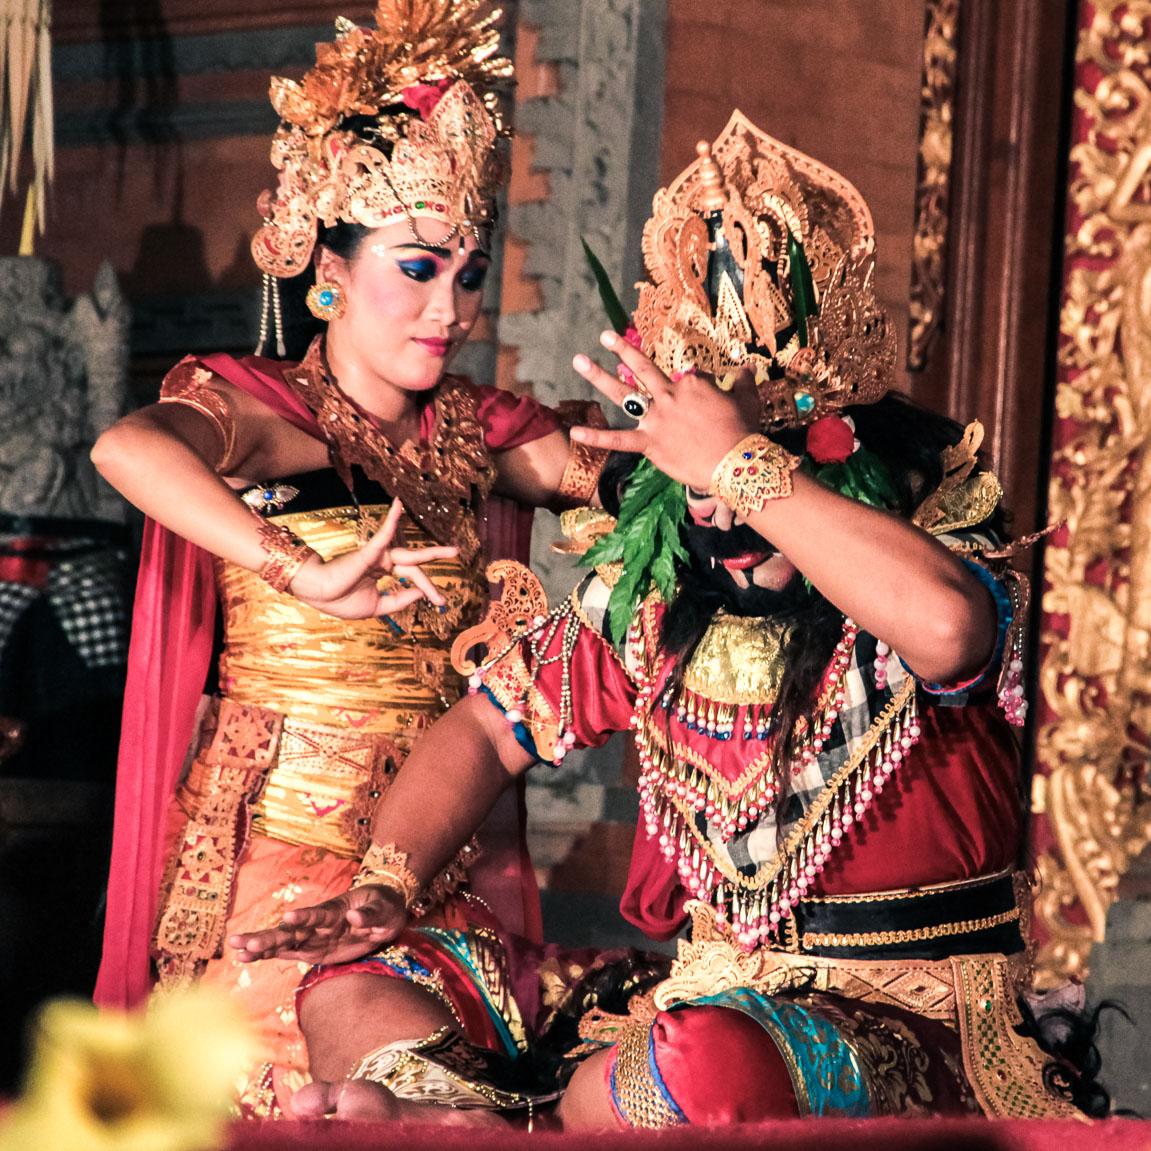 Deux danseurs de barong et Legong pendant un spectacle à Ubud